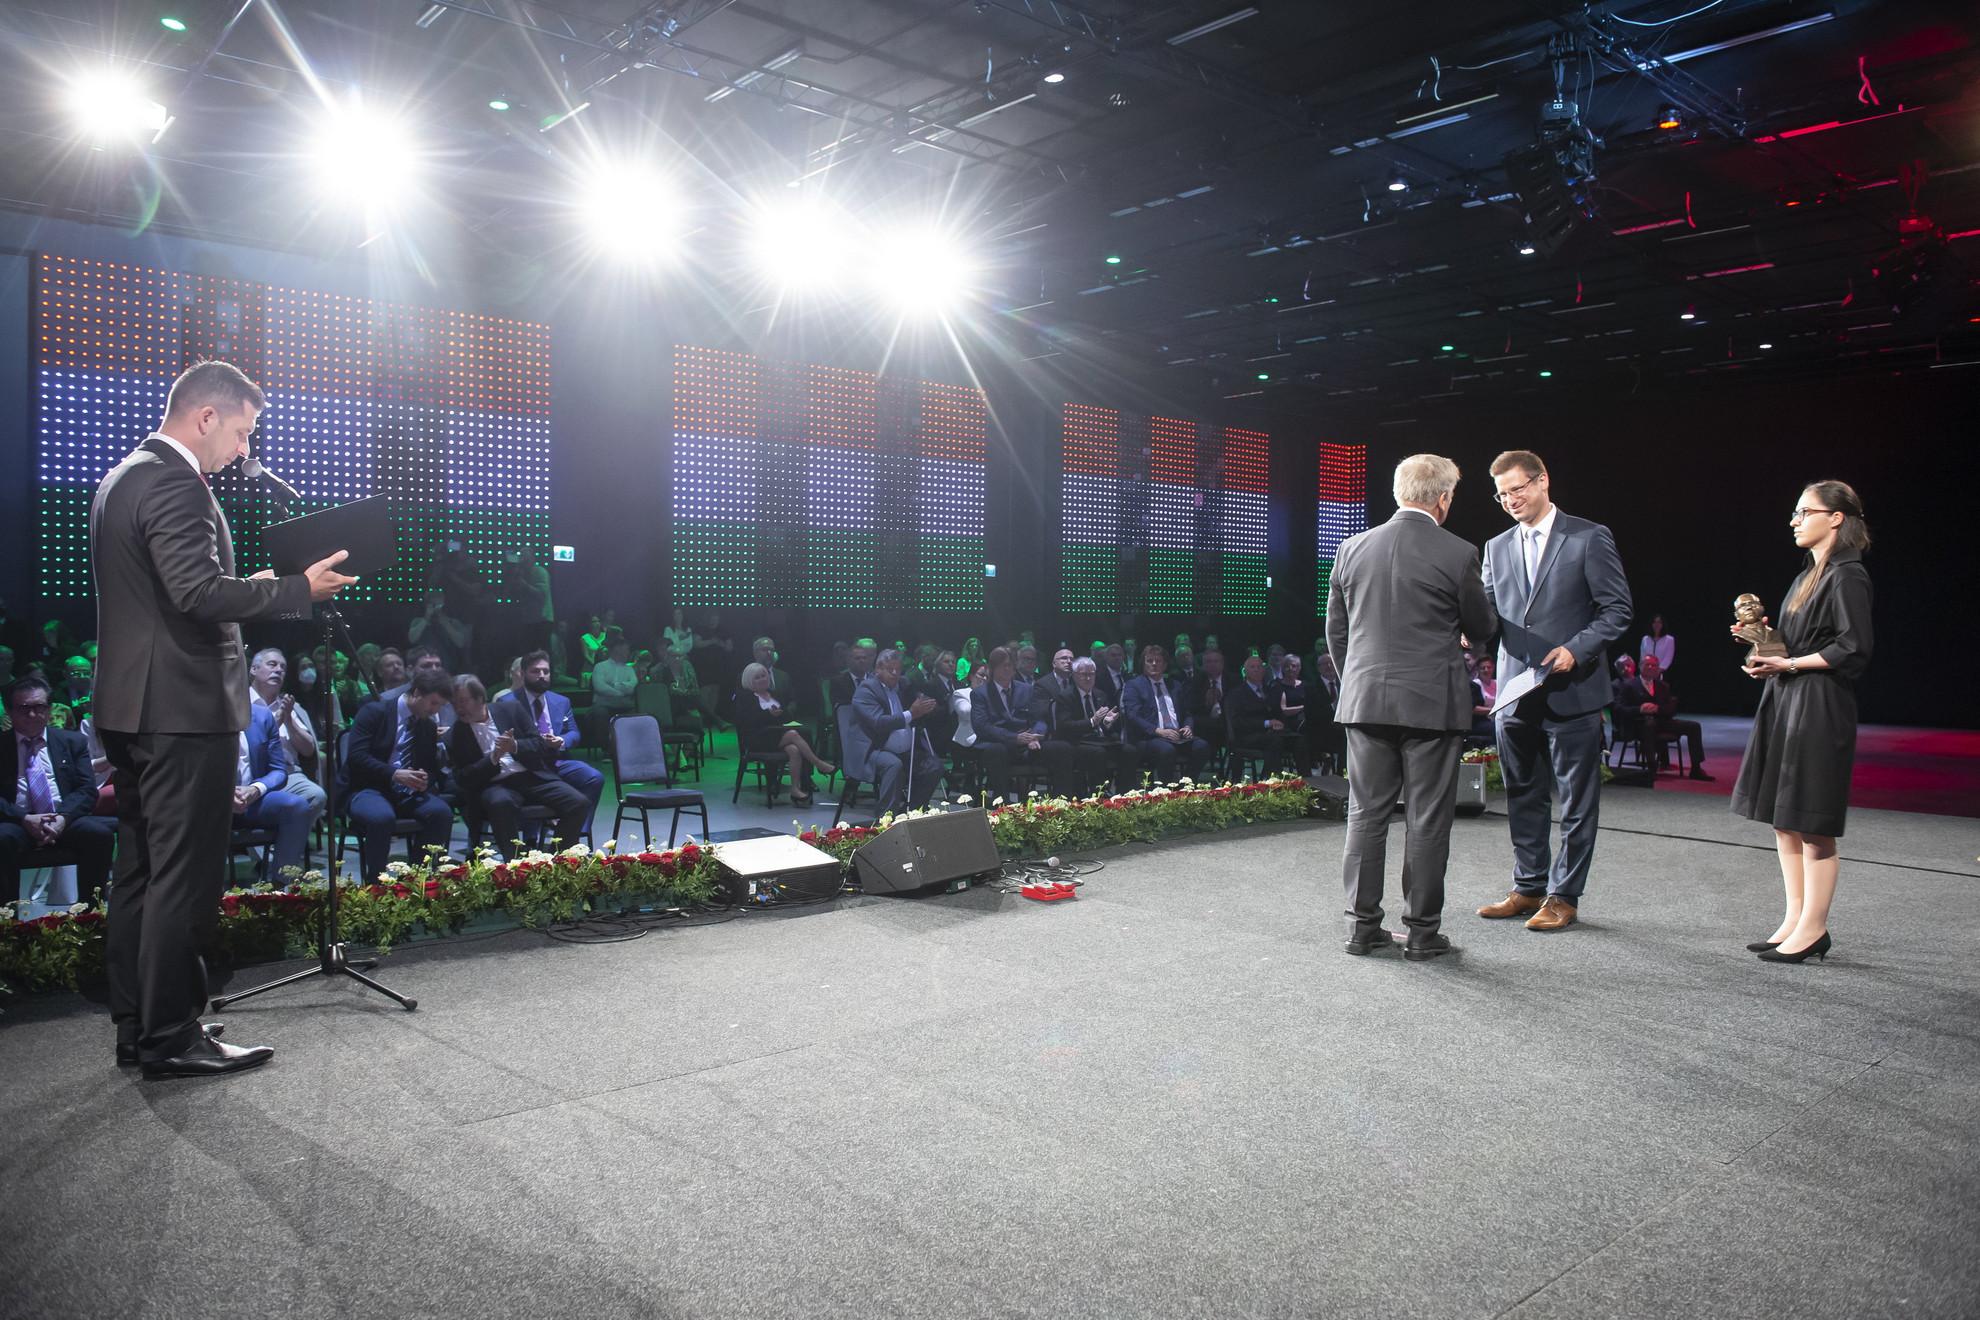 Gulyás Gergely, a Miniszterelnökséget vezető miniszter (j2) díjat ad át az állami kitüntetések és minisztériumi elismerések átadásán a Várkert Bazárban 2021. június 19-én